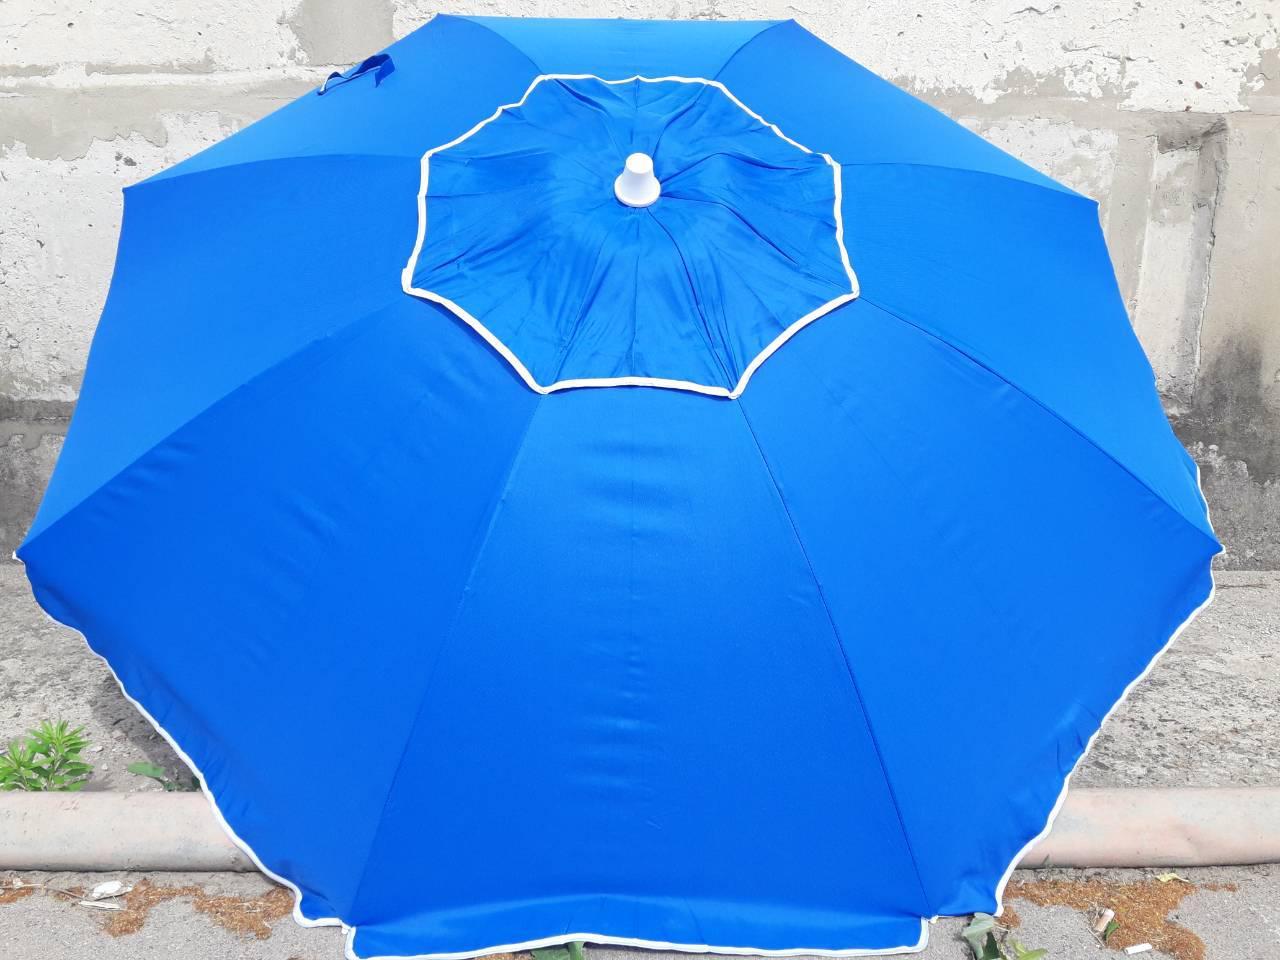 Пляжный Зонт 1.8 м (плотная ткань) Клапан Наклон и Чехол